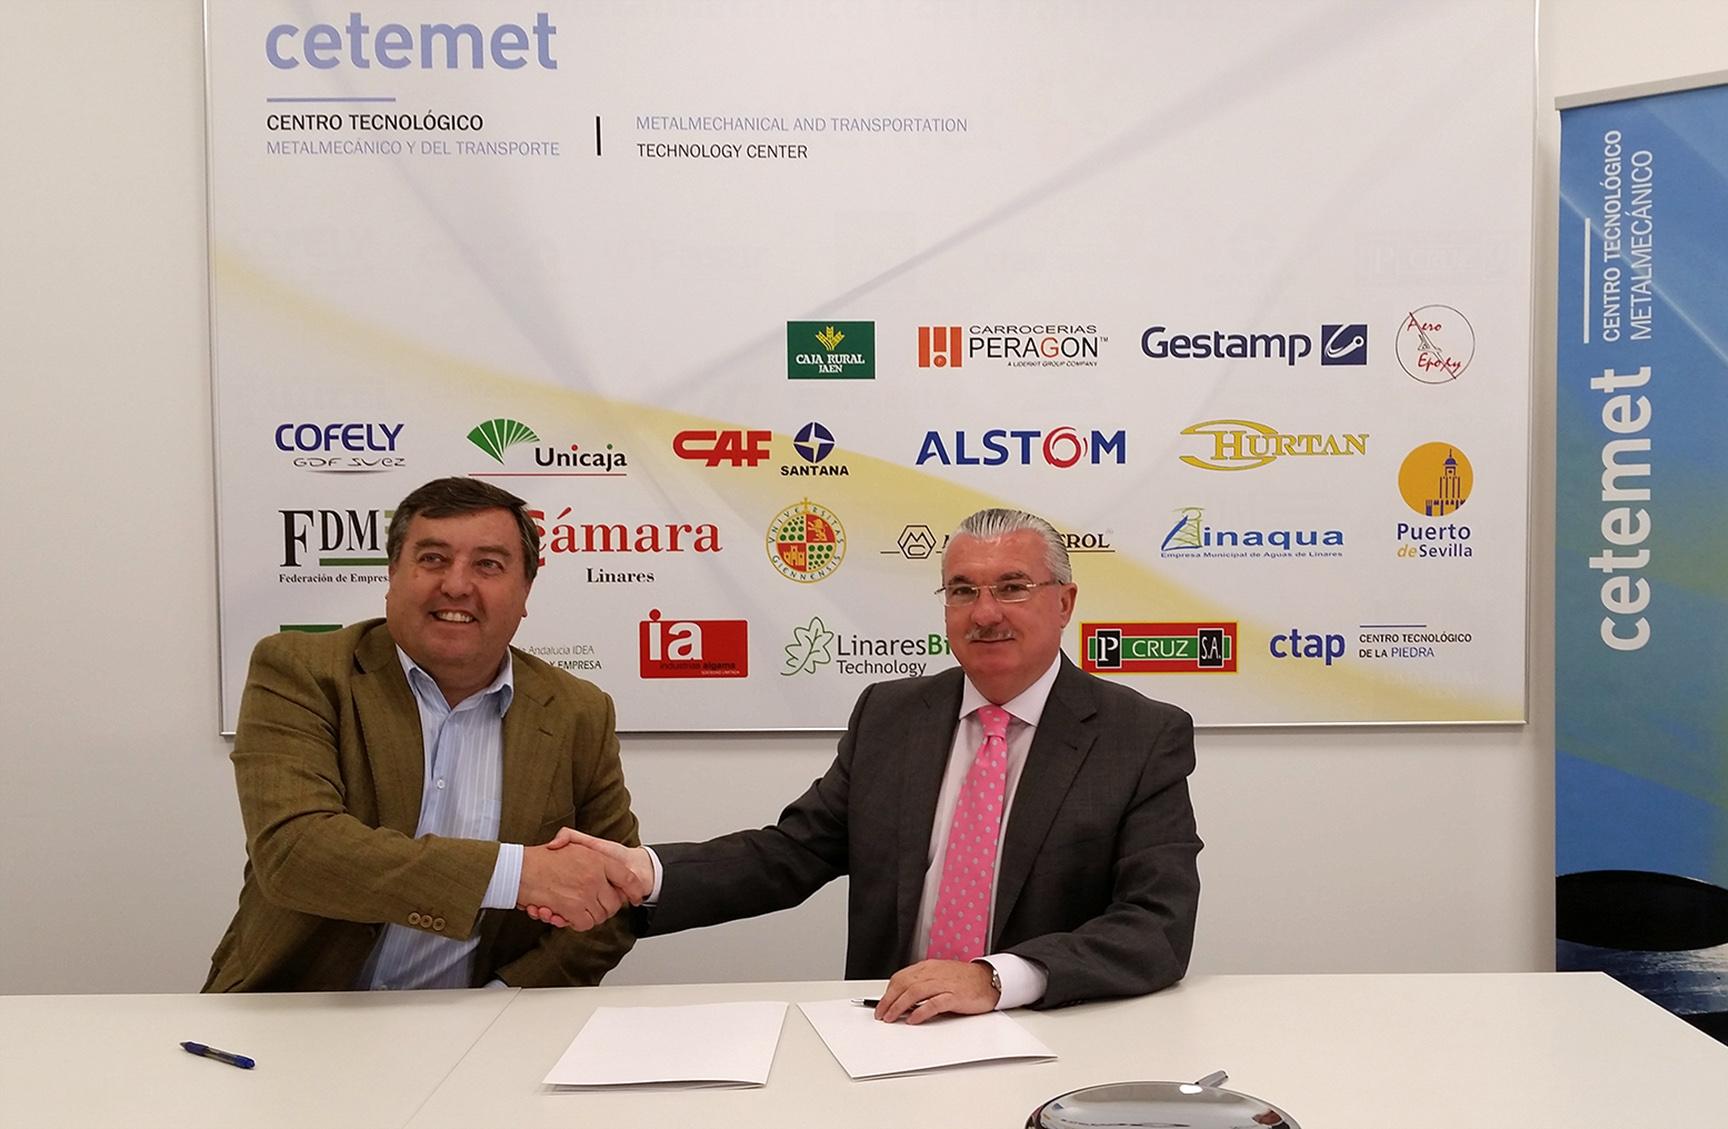 2016-04-20 Firma acuerdo entre Innovarcilla y Cetemet - copia